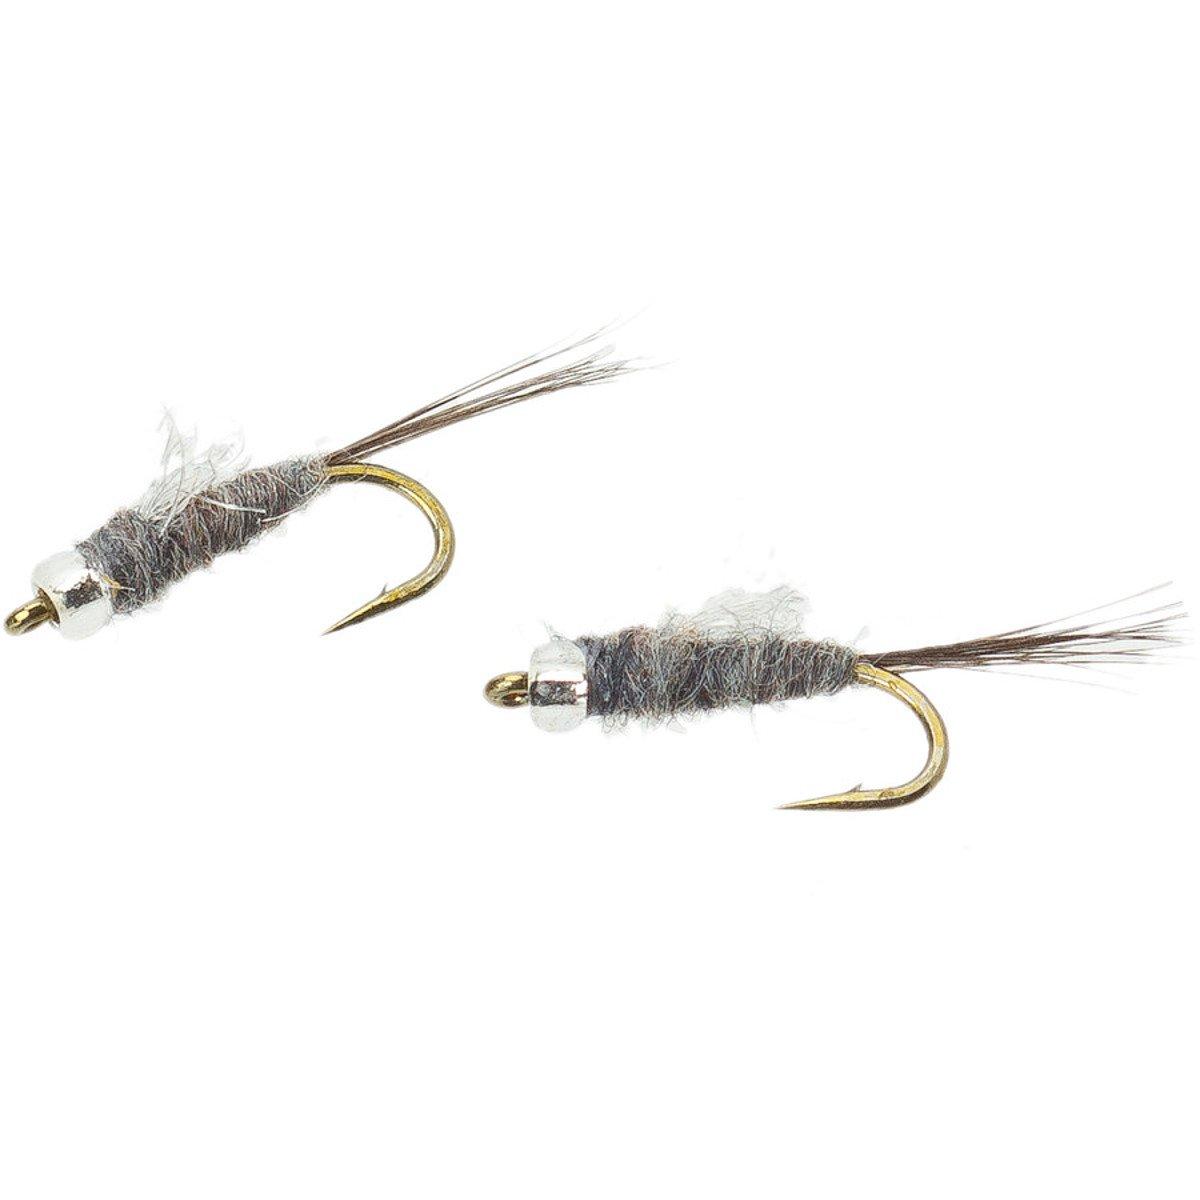 熱販売 Umpqua - Mercury Size rs-2グレーDorsey rs-2グレーDorsey Fly Fishing昆虫& Emergersマルチパック B00F3HCDFA Size 22 - 12 Pack, ヴィレコ:028ad186 --- svecha37.ru